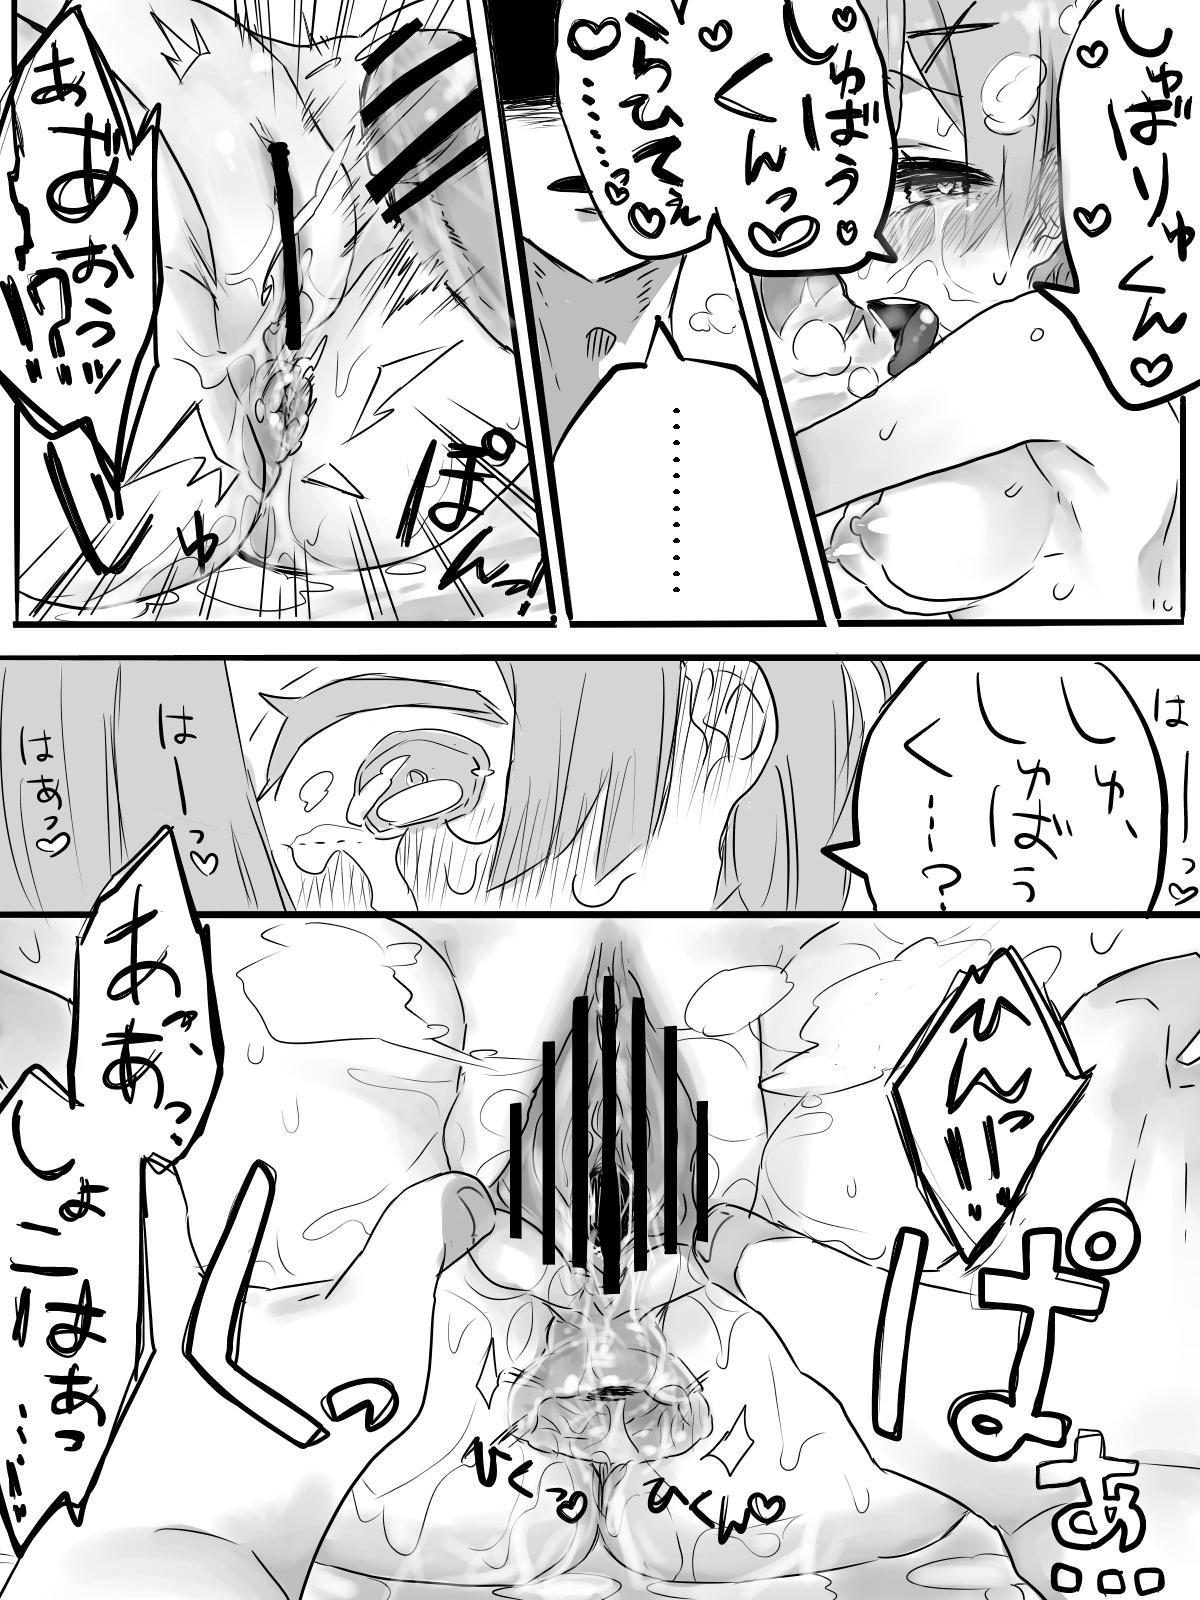 [Nikumanman] Rem-san ga Subaru-kun no Shimo no Osewa no Ikkan toshite (Re:Zero Kara Hajimeru Isekai Seikatsu) [Digital] 6